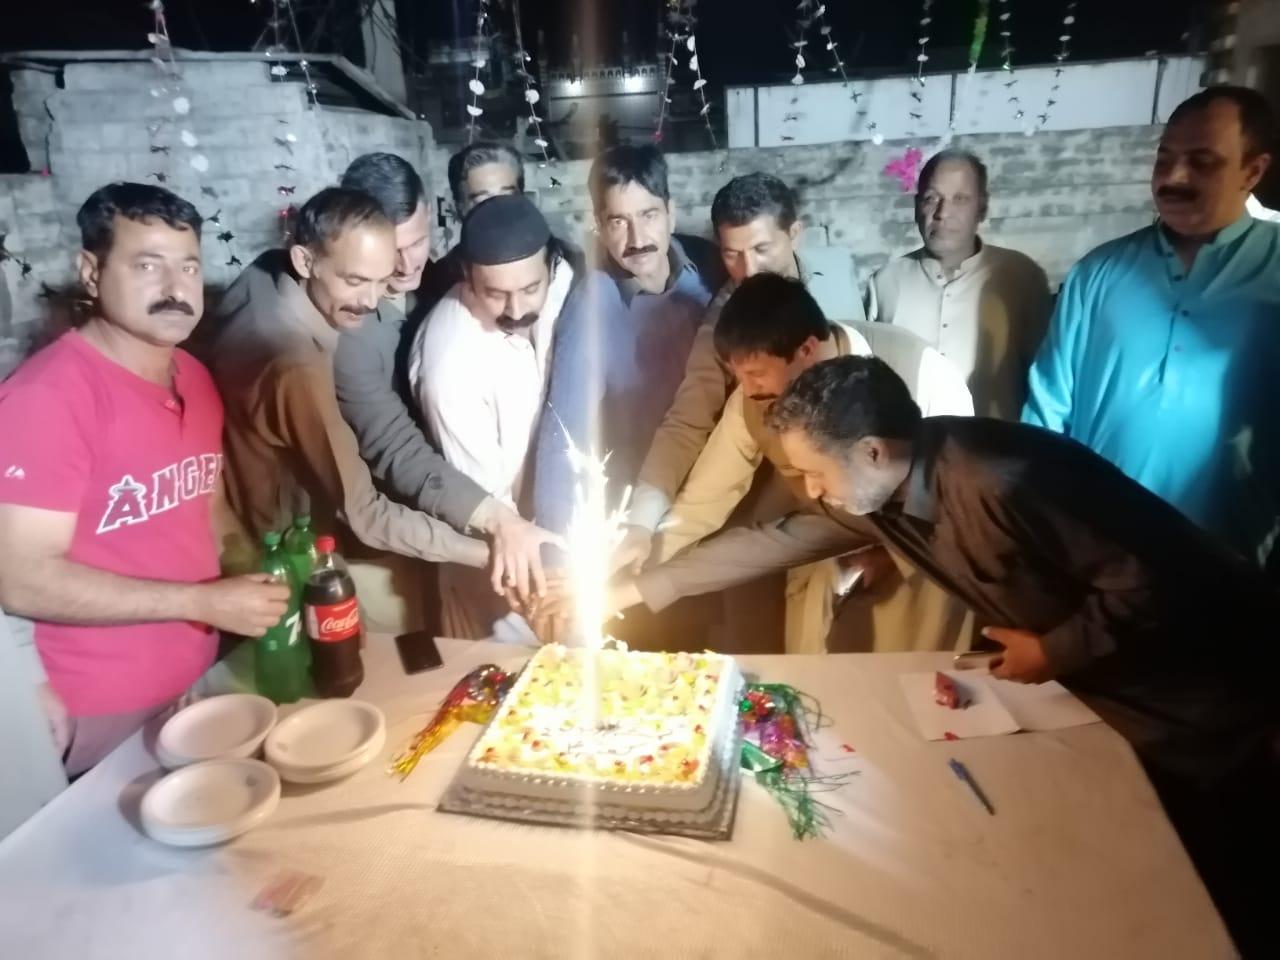 قلندری سنگت گکھڑ کے زیراہتمام خلفائے چہارم حضرت علی المرتظٰی کی ولادت کے سلسلہ میں کیک کاٹاگیا